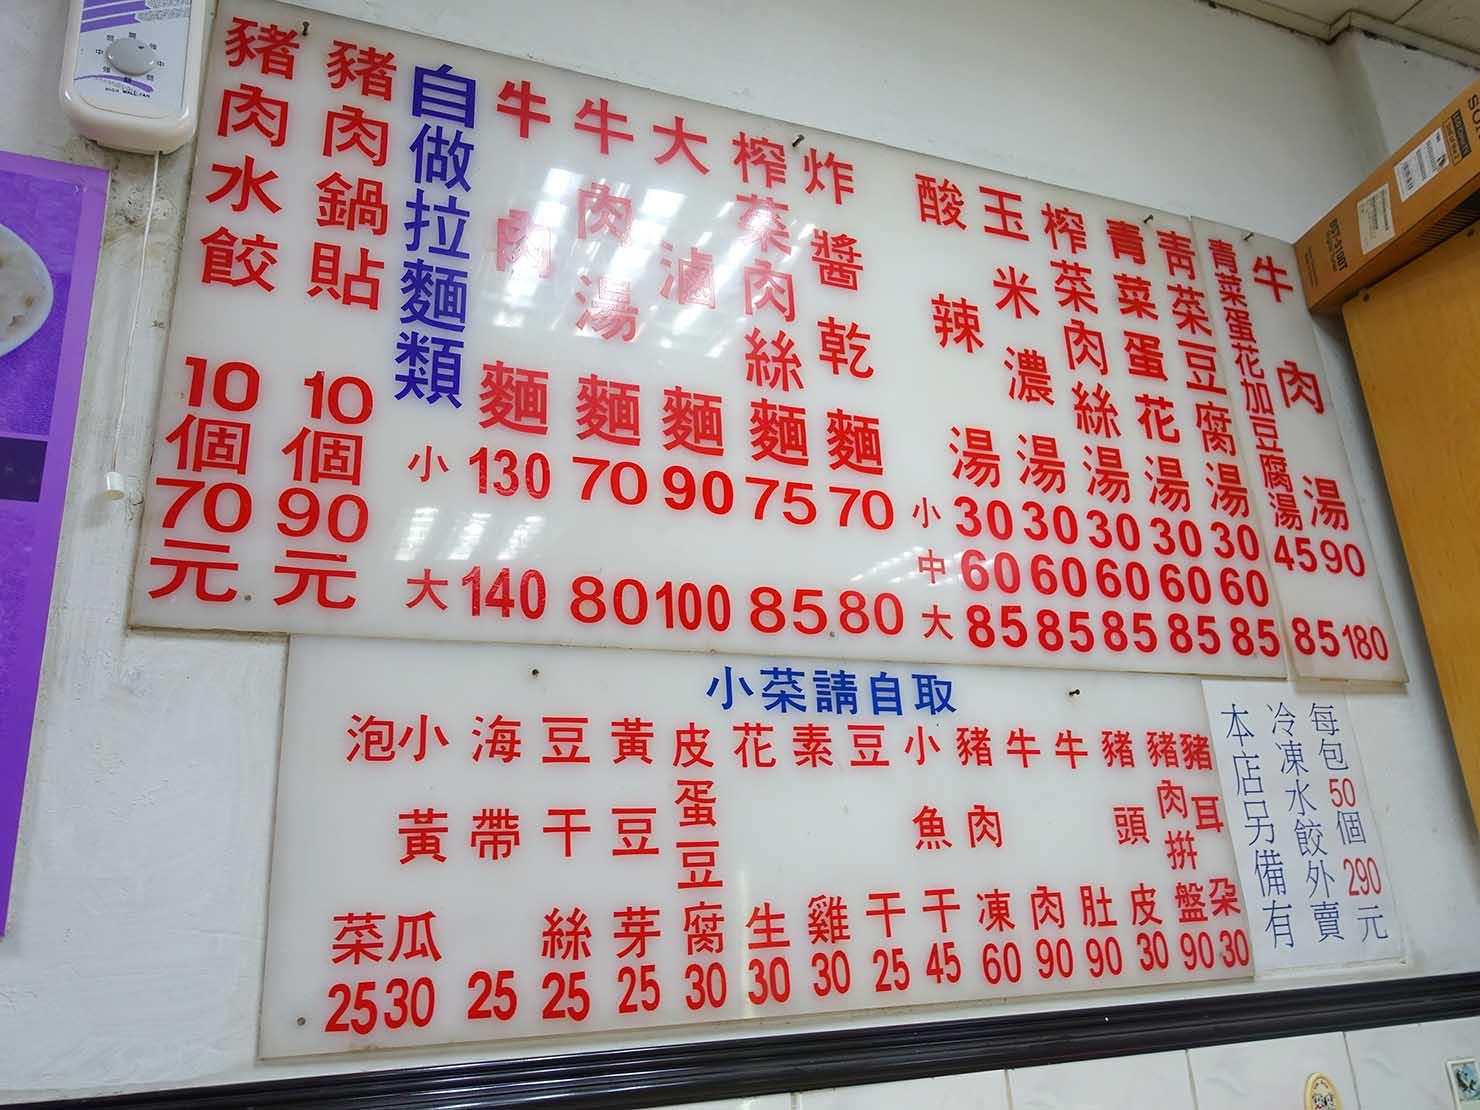 台北101エリア・市政府駅周辺のおすすめ台湾グルメ「小樂天餃子館」のメニュー